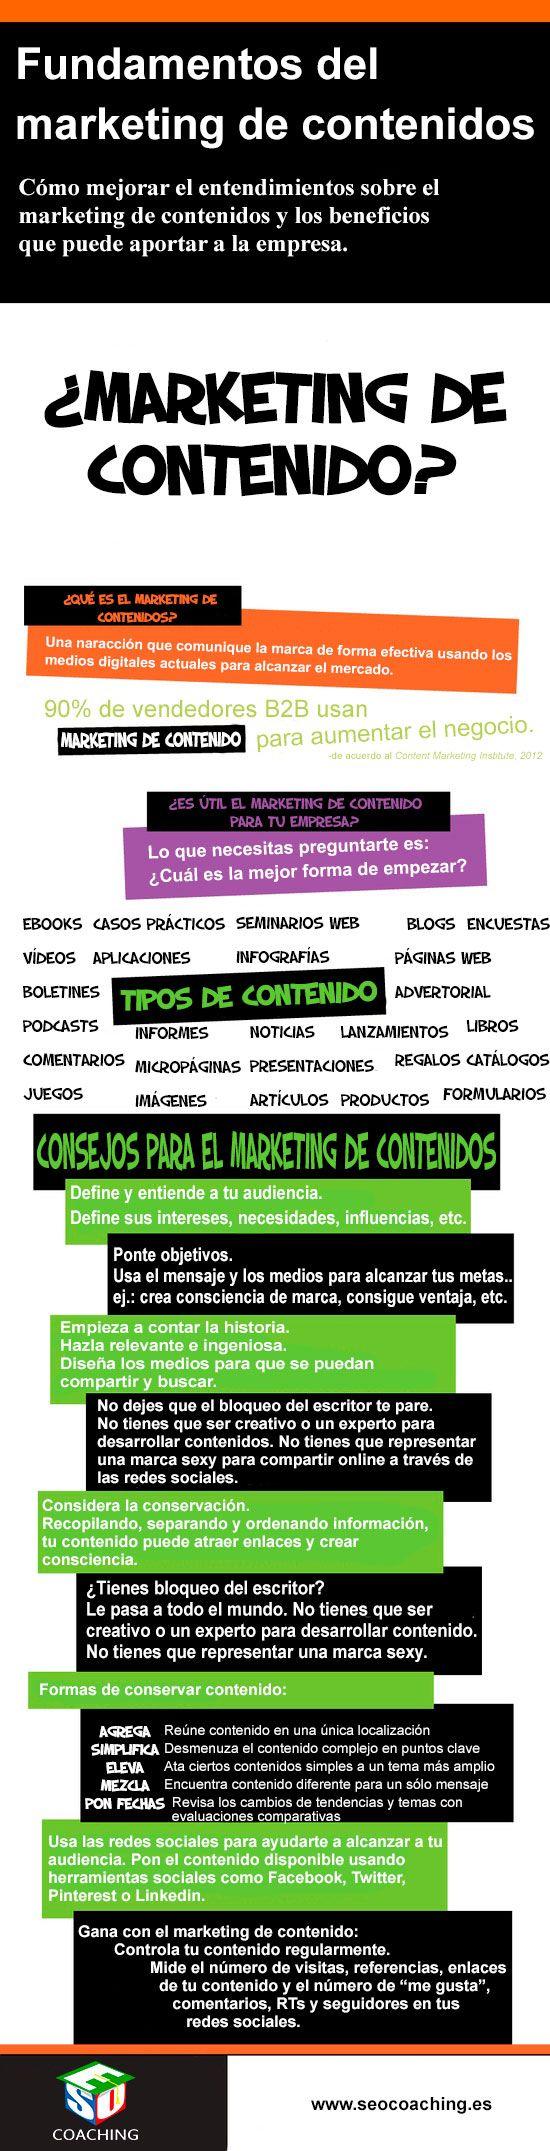 Fundamentos del marketing de contenidos #infografia